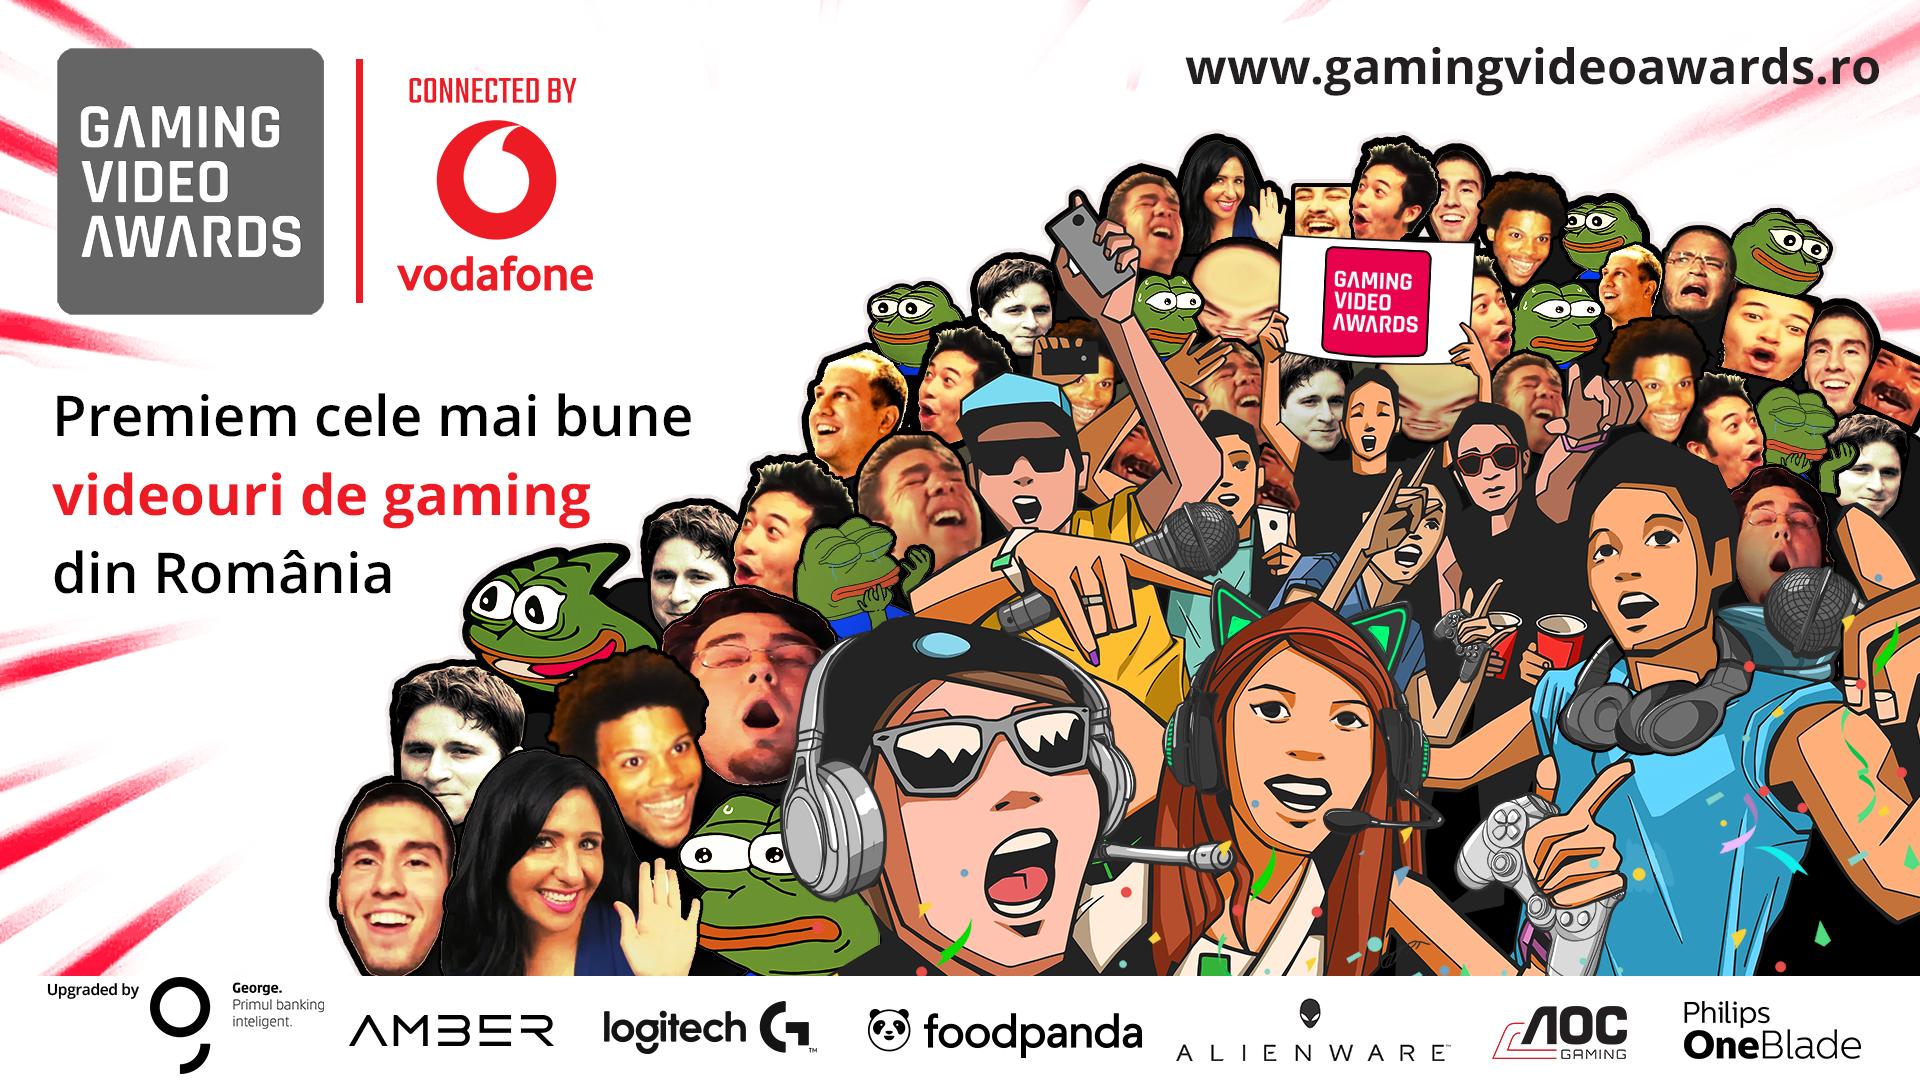 60 de creatori de conținut de gaming locali concurează pentru votul publicului la Gaming Video Awards